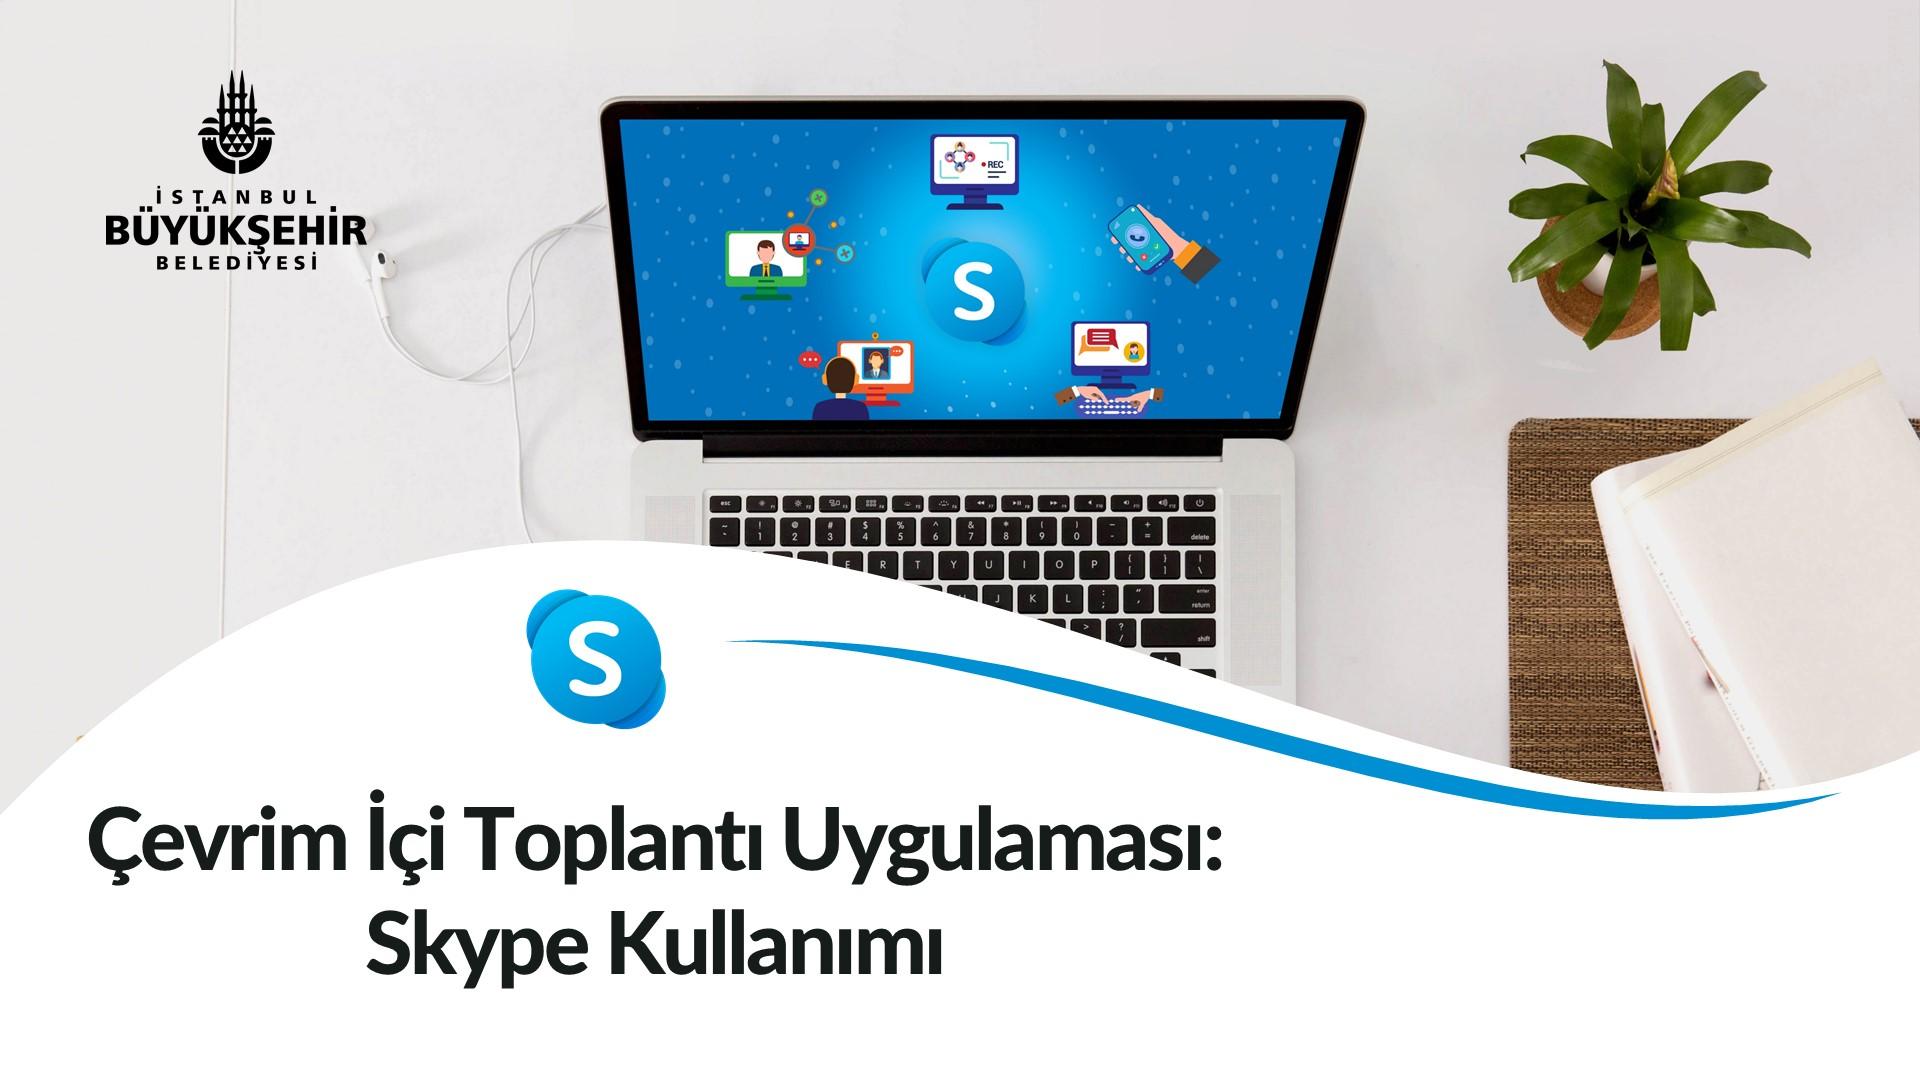 Çevrim İçi Toplantı Uygulaması: Skype Kullanımı Kayıtları Başladı